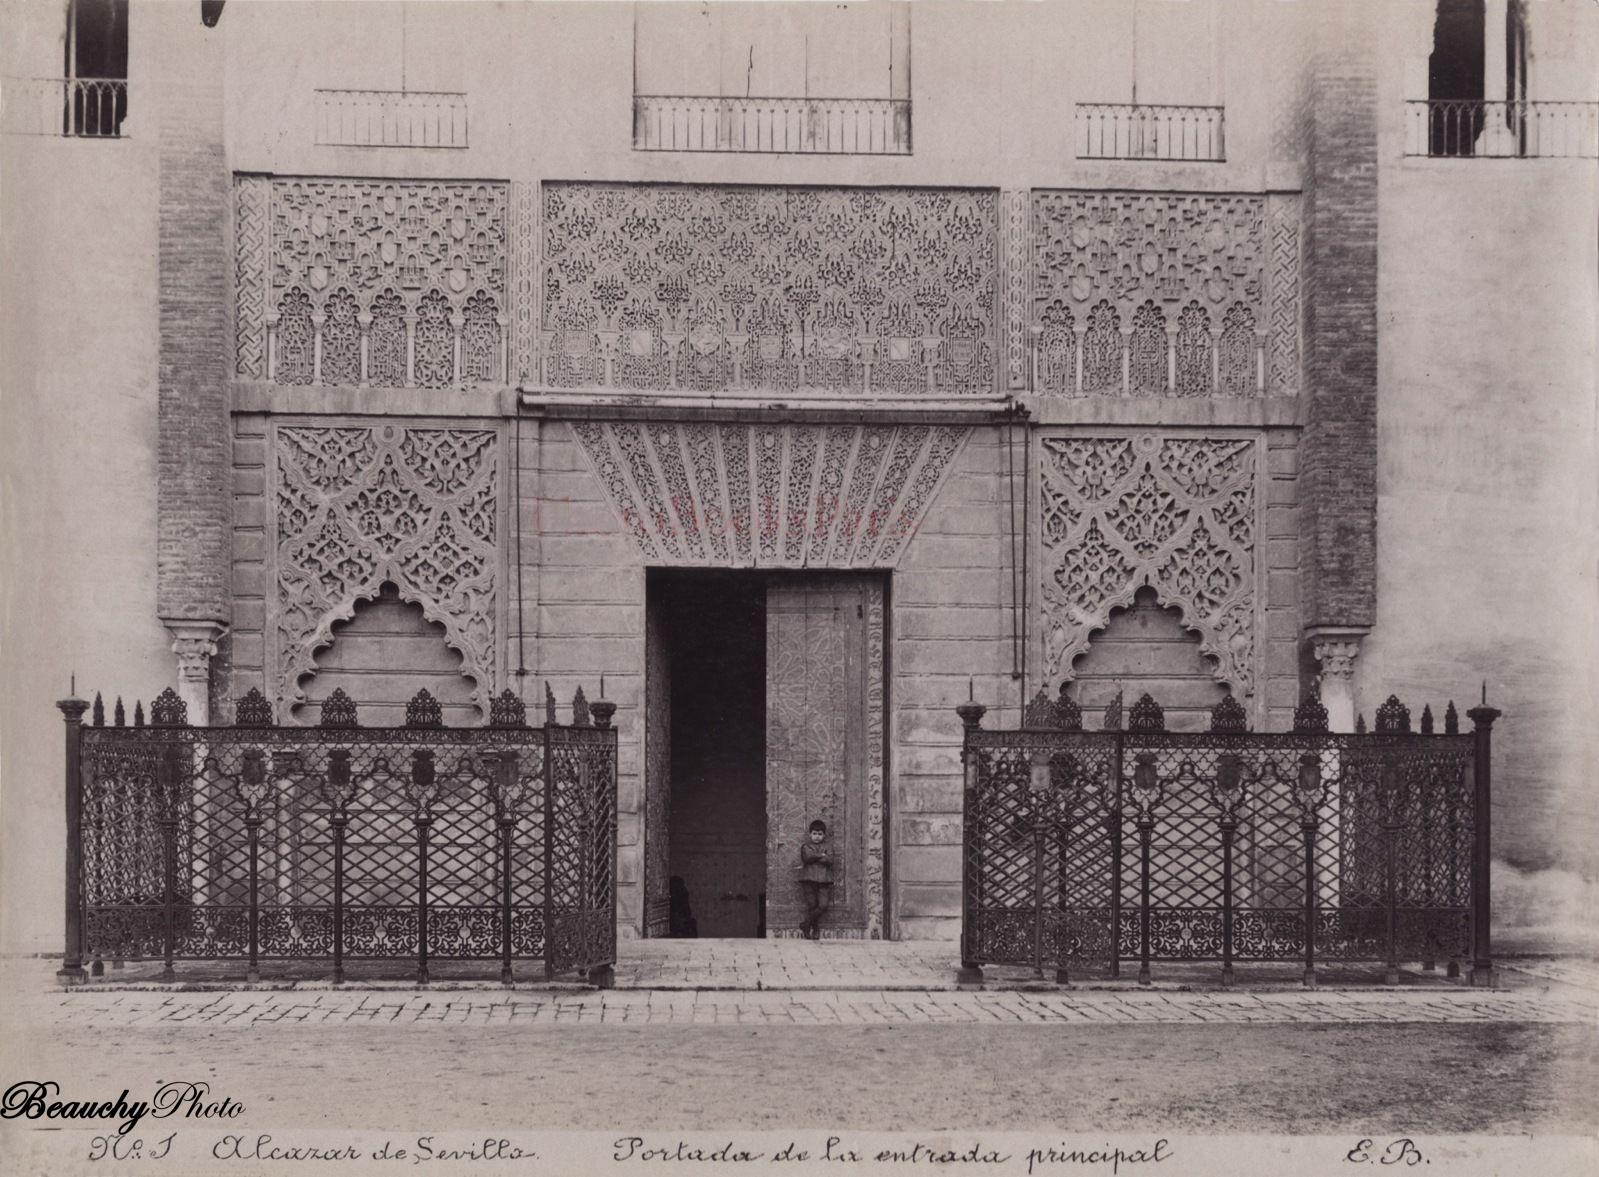 Fachada del Palacio de Pedro I (Alcazar de Sevilla)